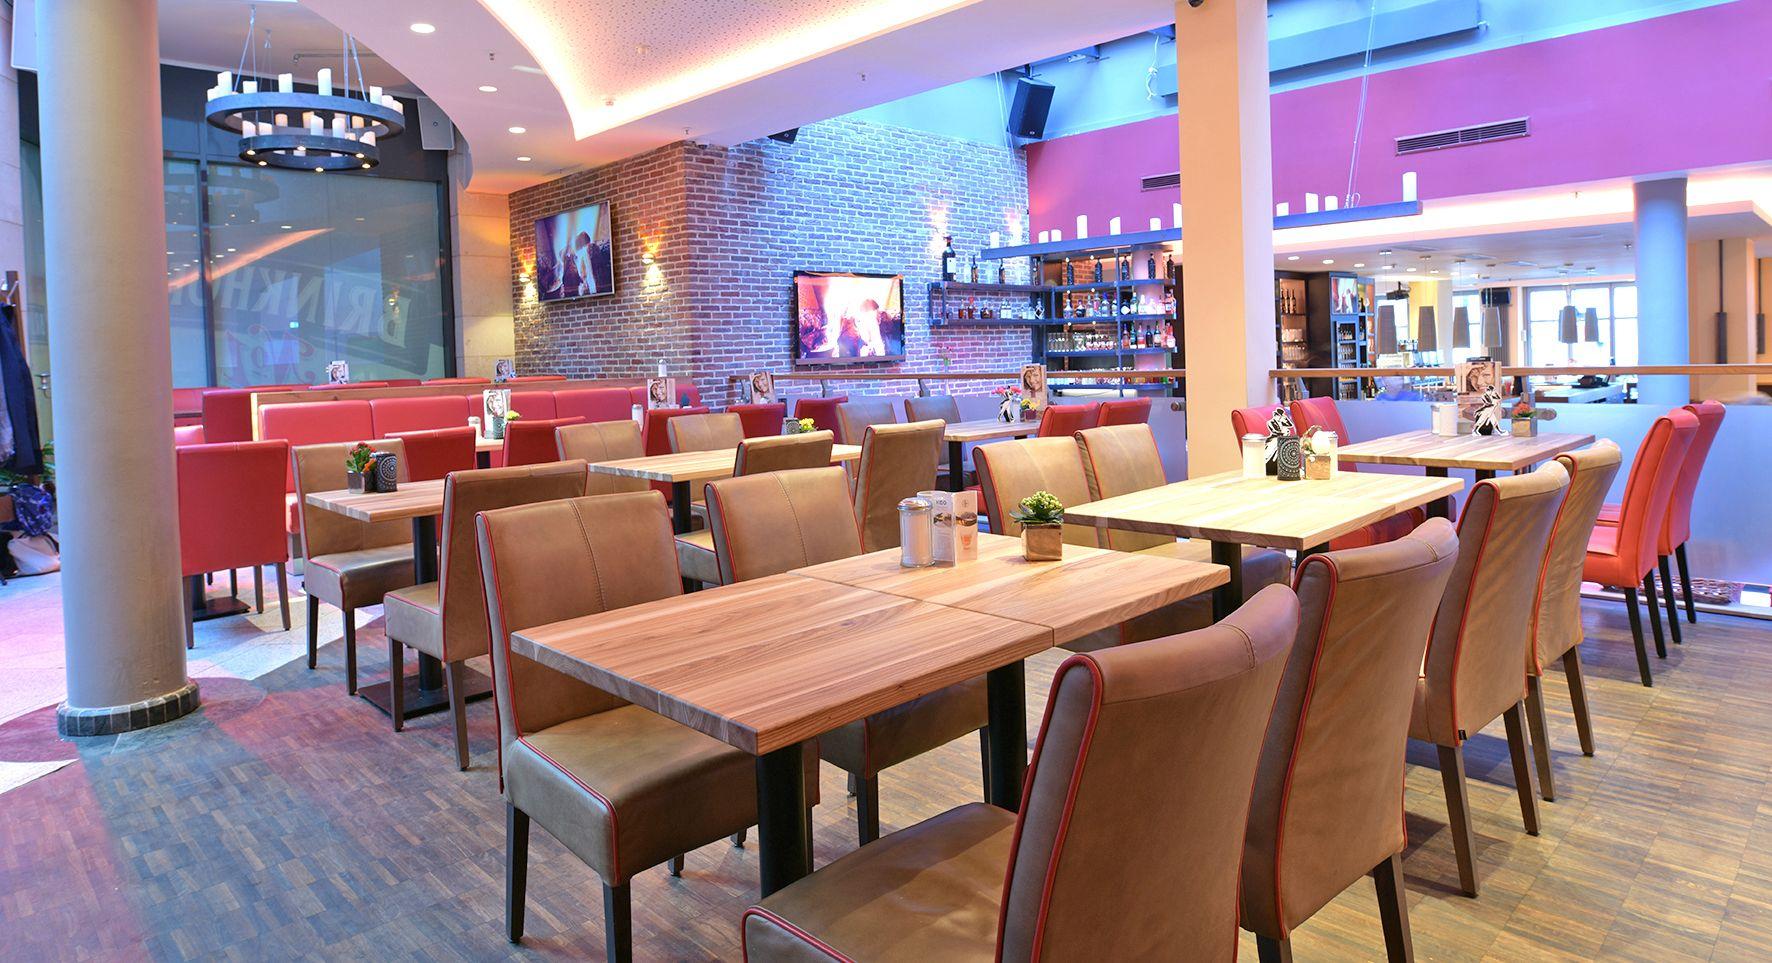 Objketeinrichtung Gastronomie City Dortmund. Einrichtung ...